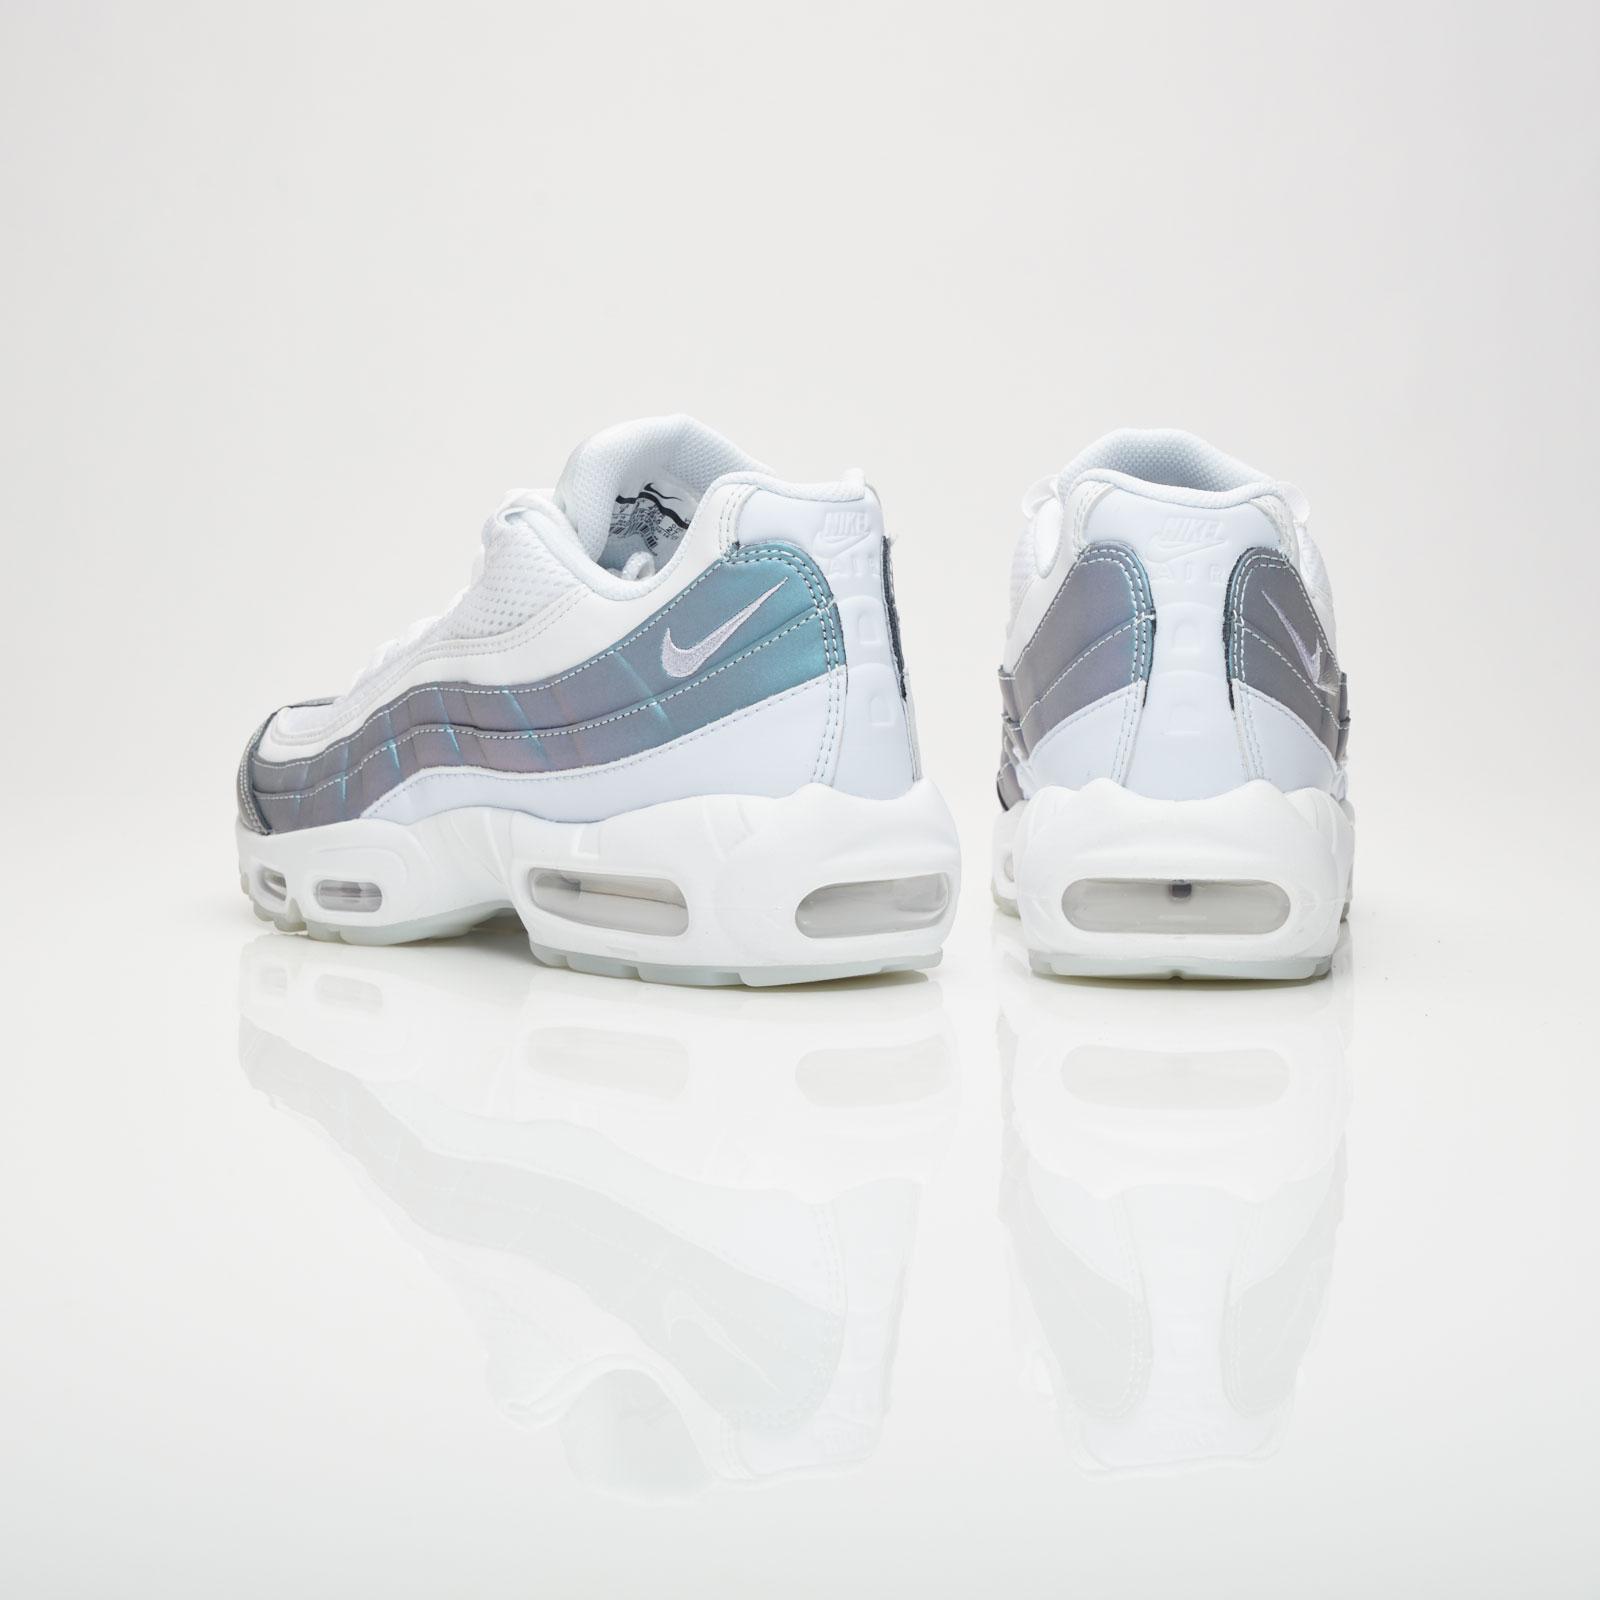 d88be890f Nike Air Max 95 Premium - 538416-401 - Sneakersnstuff